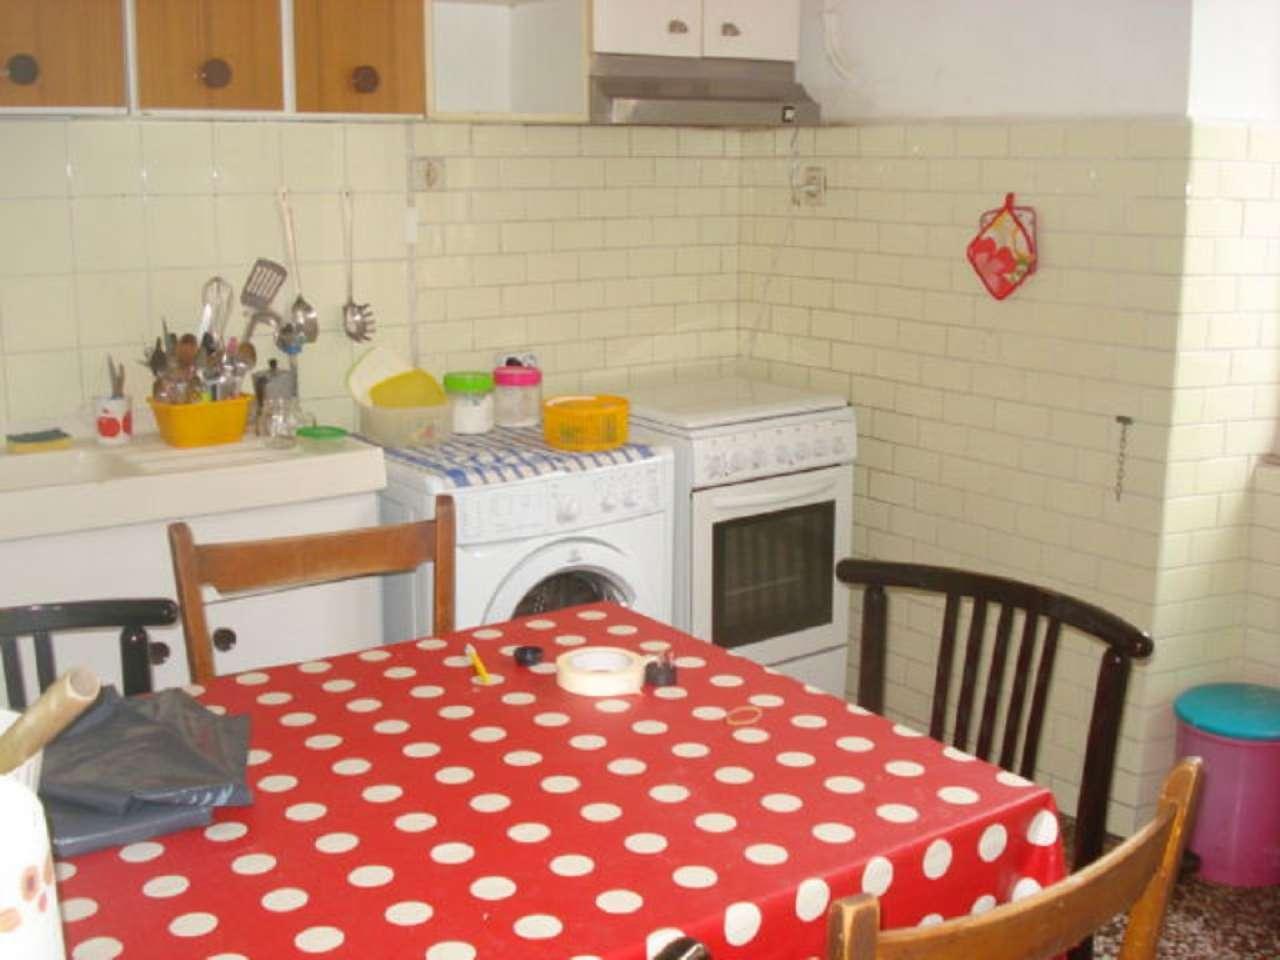 Appartamento genova affitto 100 mq riscaldamento - Cucina 1000 euro ...